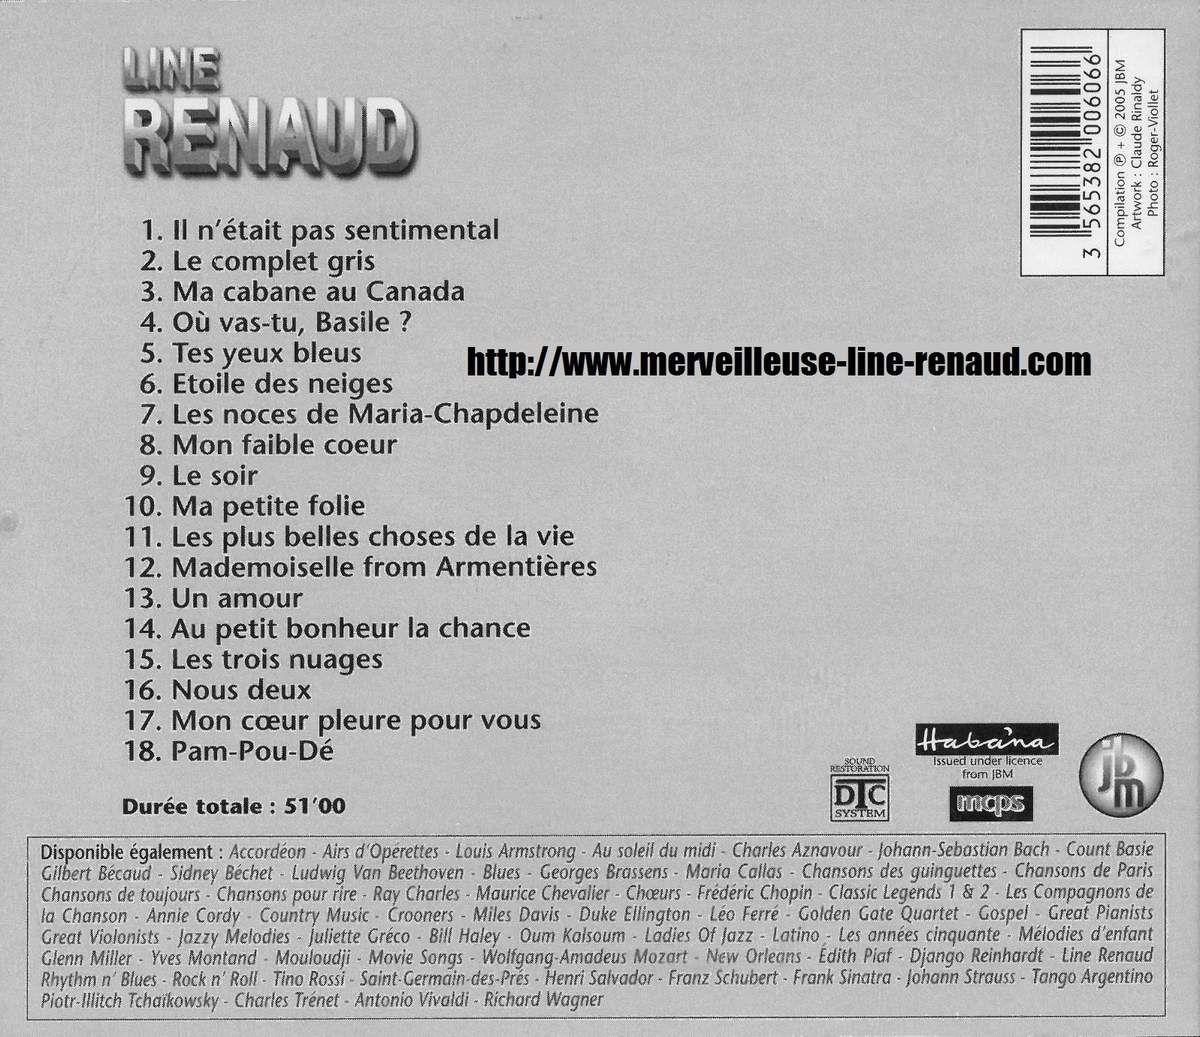 CD: 2005 JBM - 35653820060066